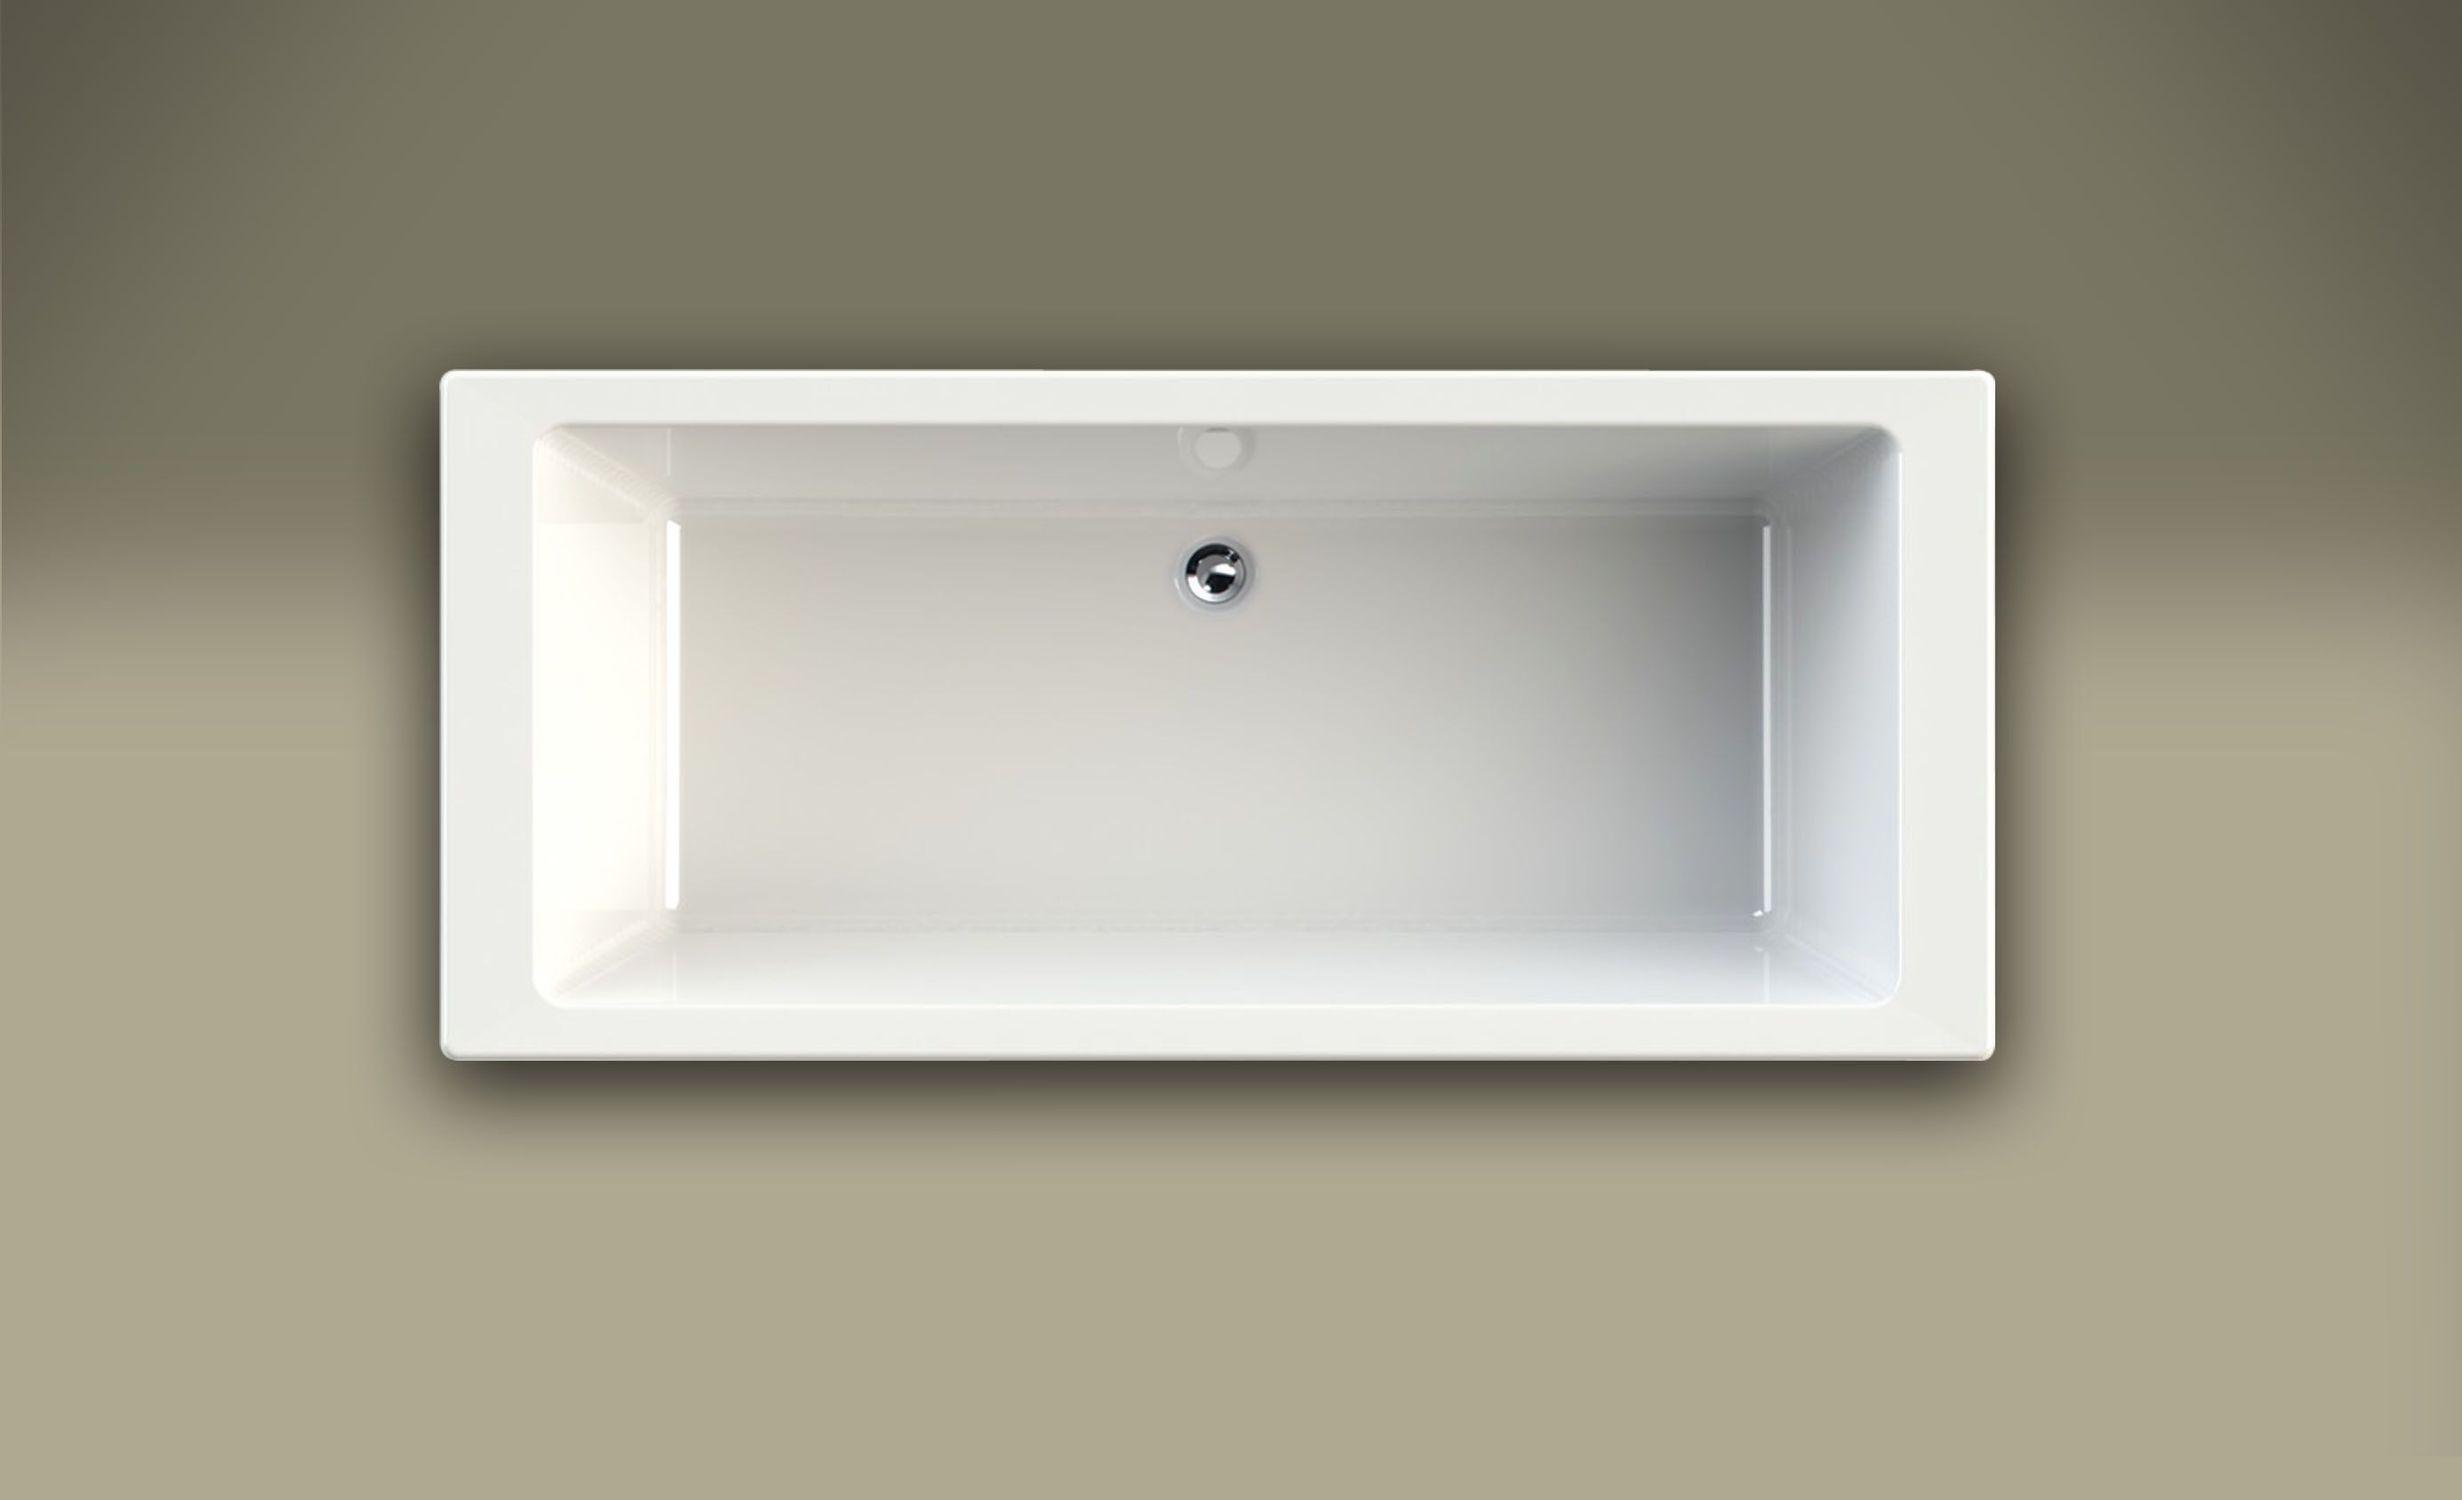 Vasca Da Bagno 180 80 : Vasca da bagno mobili e accessori per la casa kijiji annunci